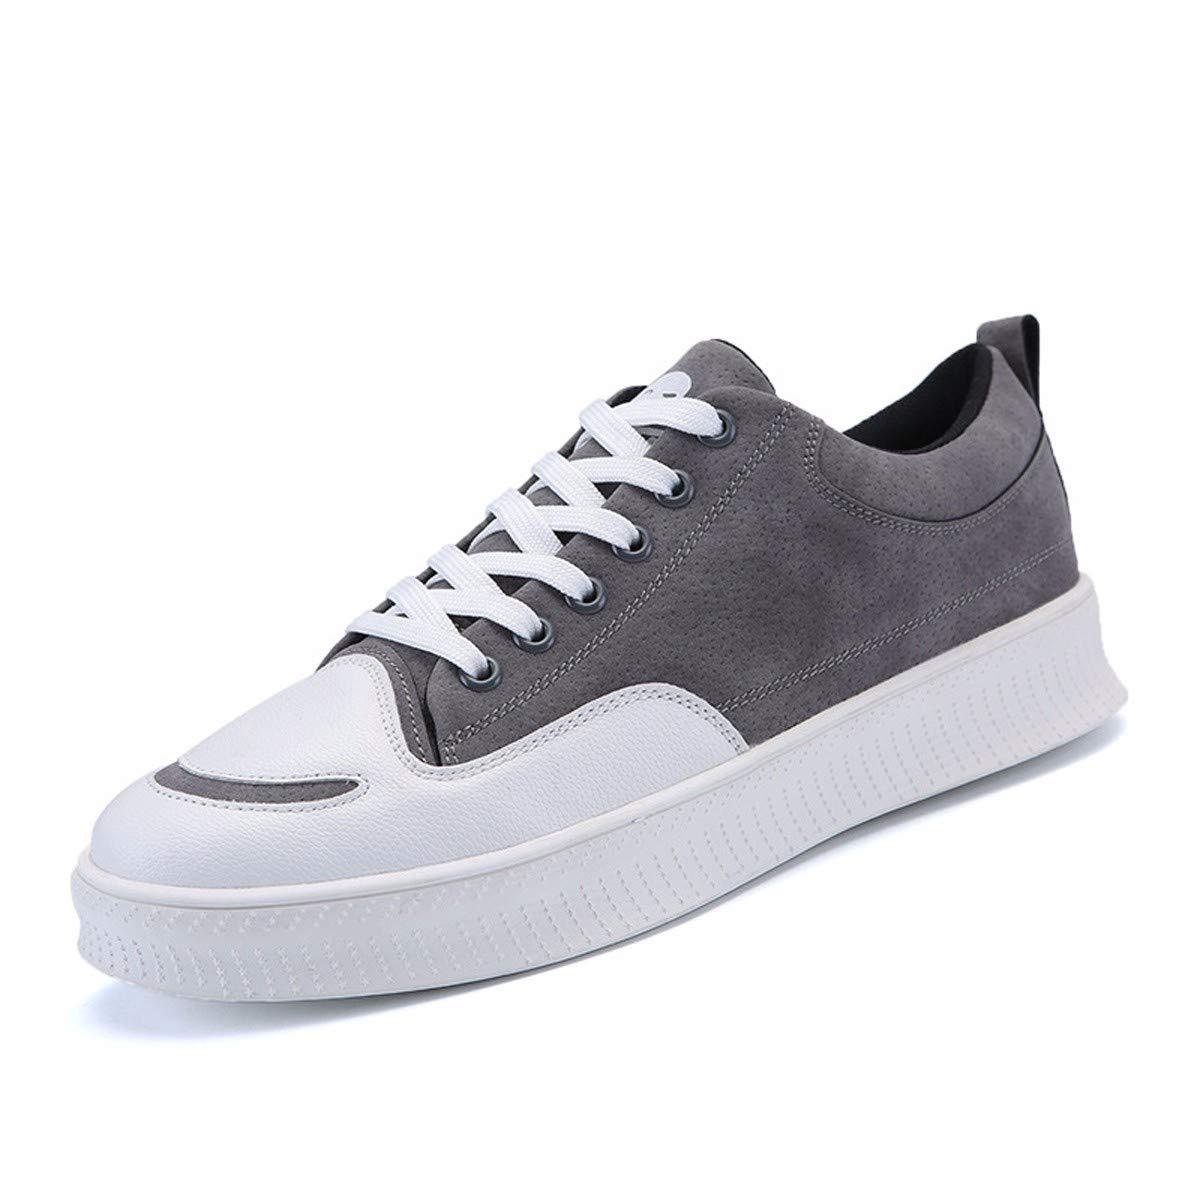 KMJBS-Männer - Vorstand Sport - Mode Schuhe Casual Schuhen Koreanischen Version Joker.grau 39